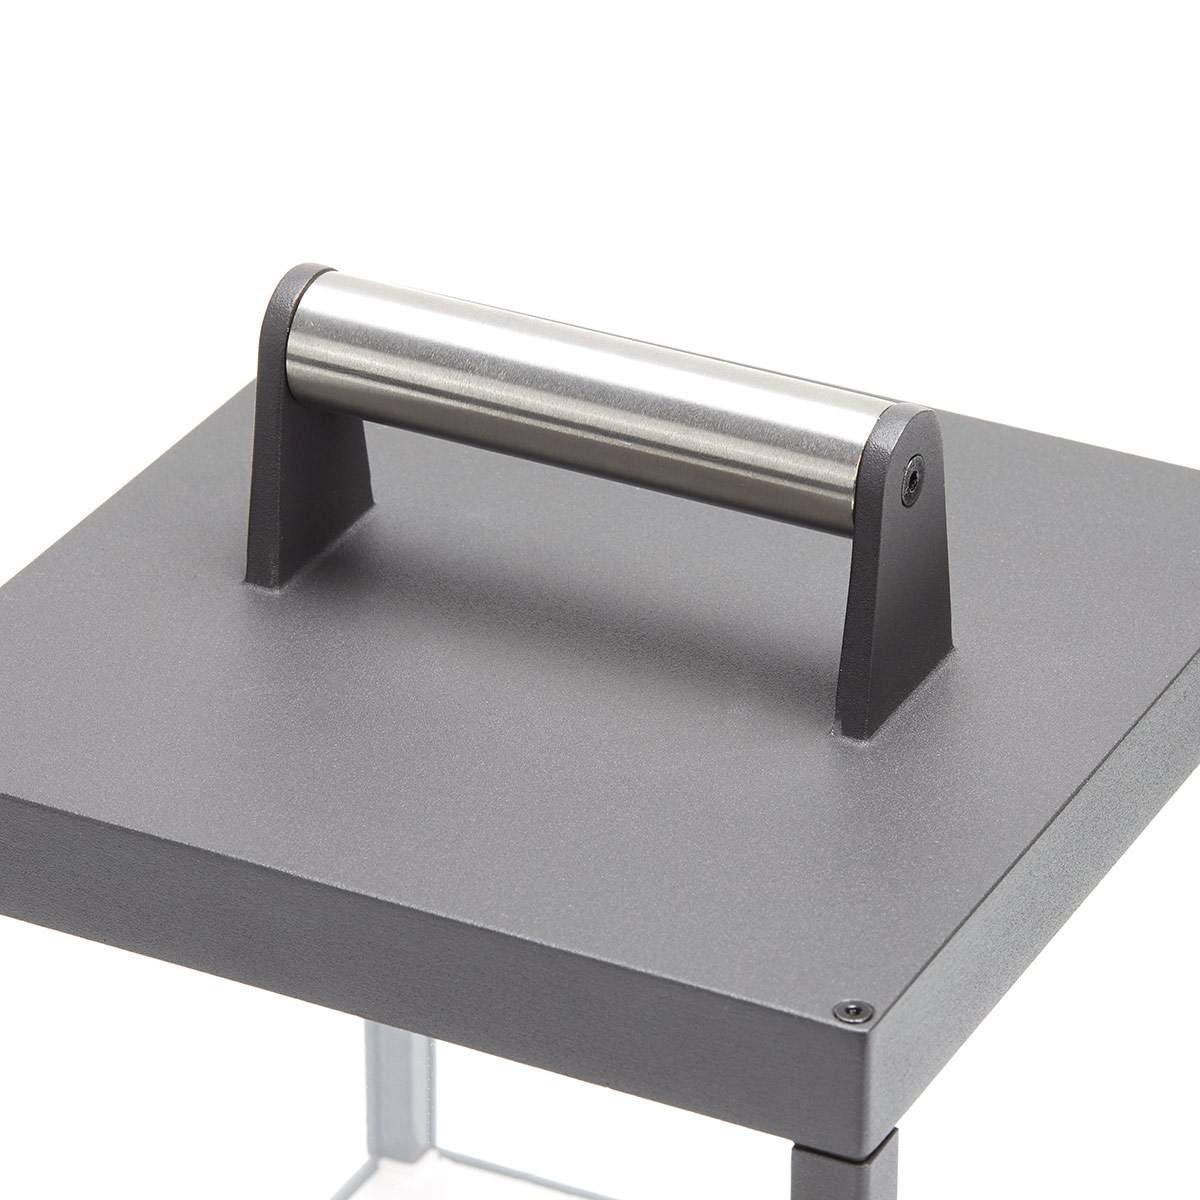 LED Tischleuchte Cube, 26,7x18x18 cm, Aluminium, grau | #6